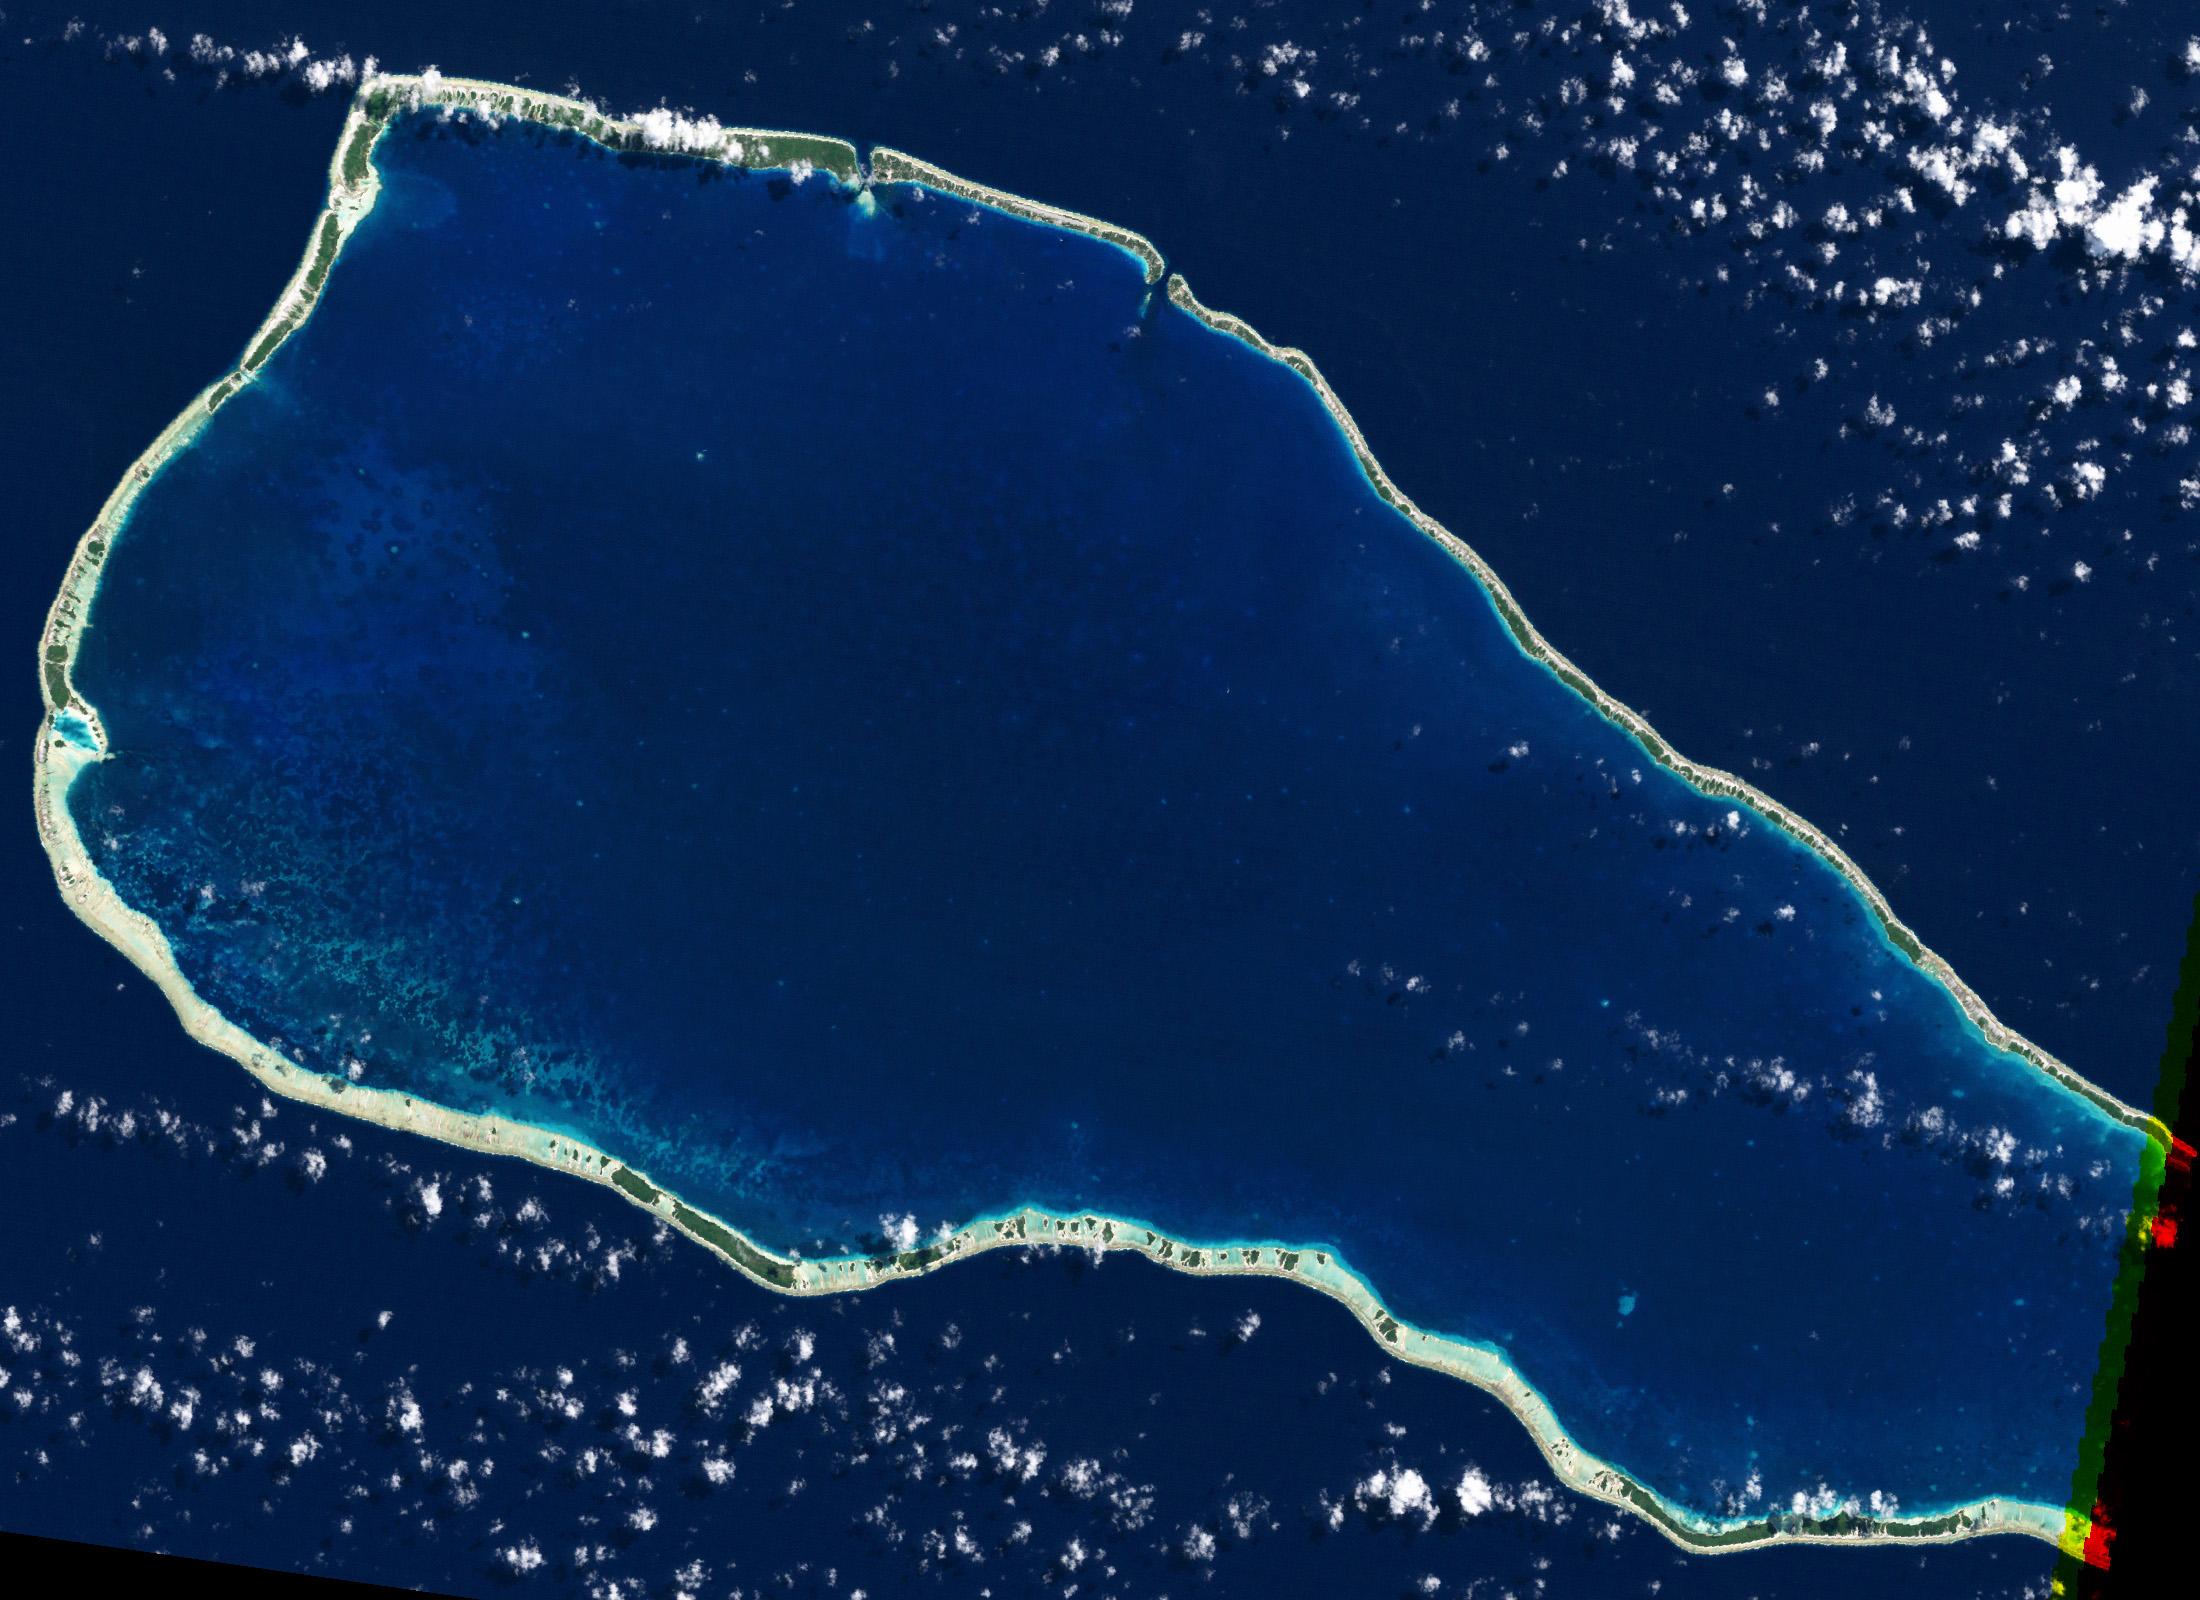 Decoloración de corales en Polinesia Francesa 1999